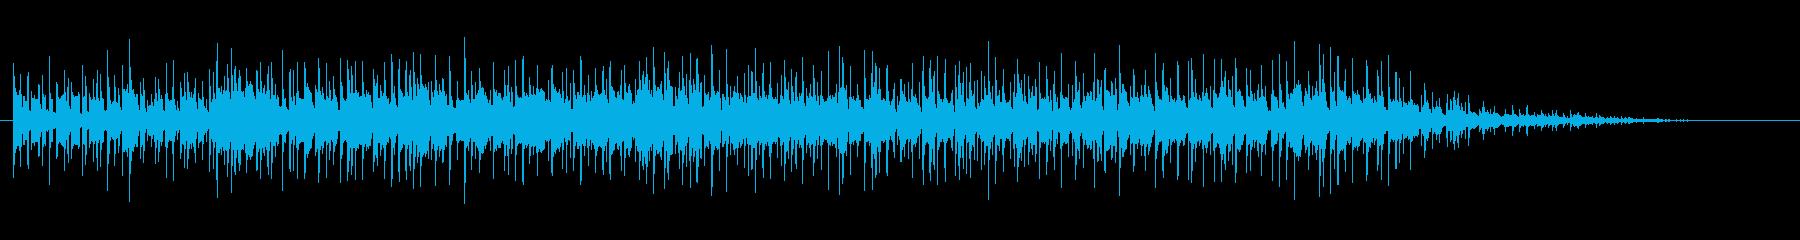 フルートによるわくわくフュージョンの再生済みの波形